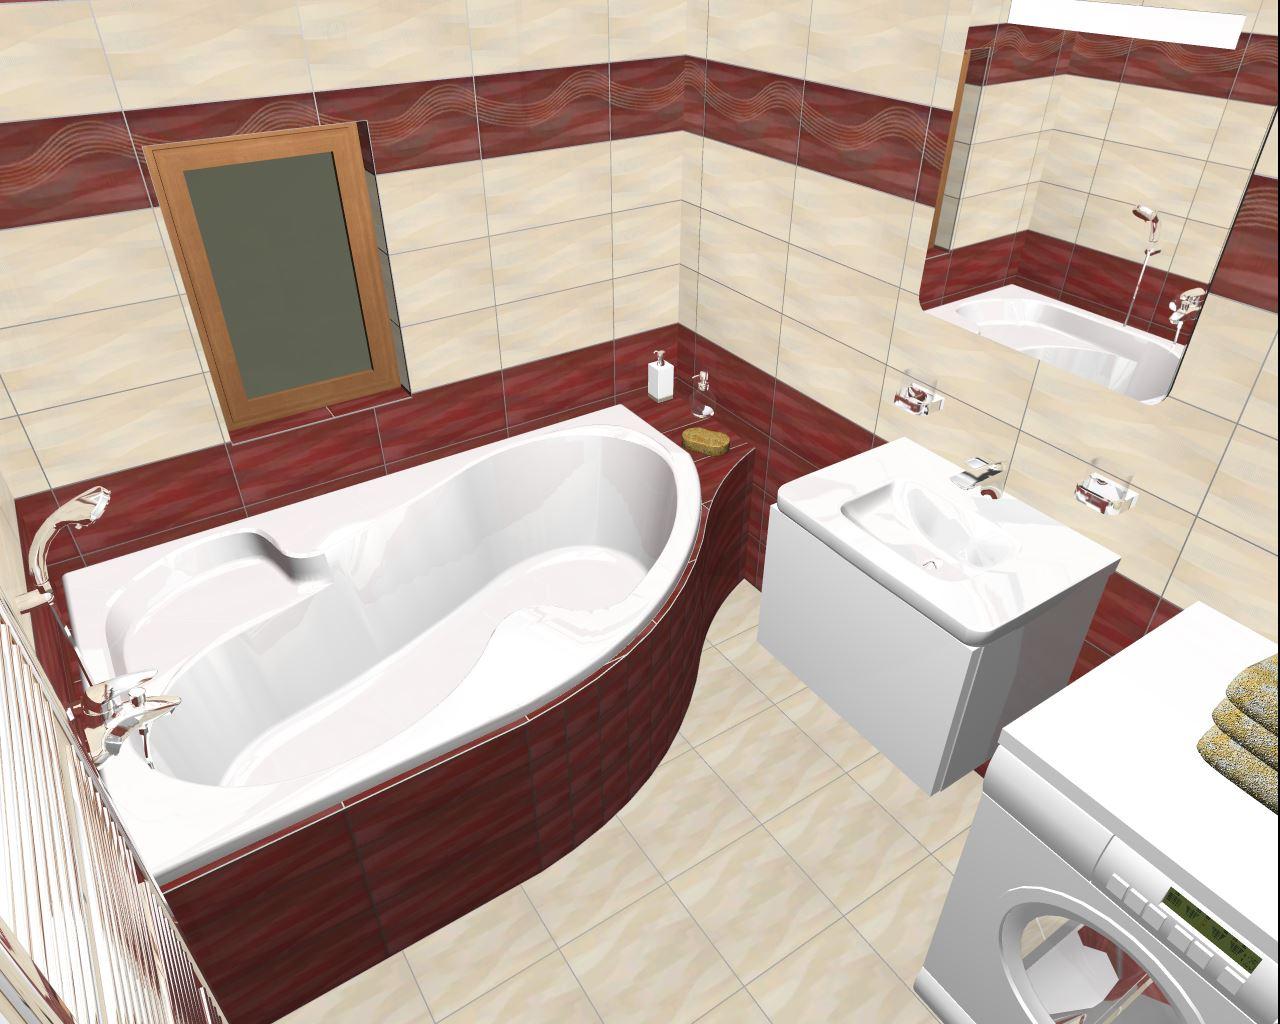 Projekt naší koupelny :) - Obrázek č. 3